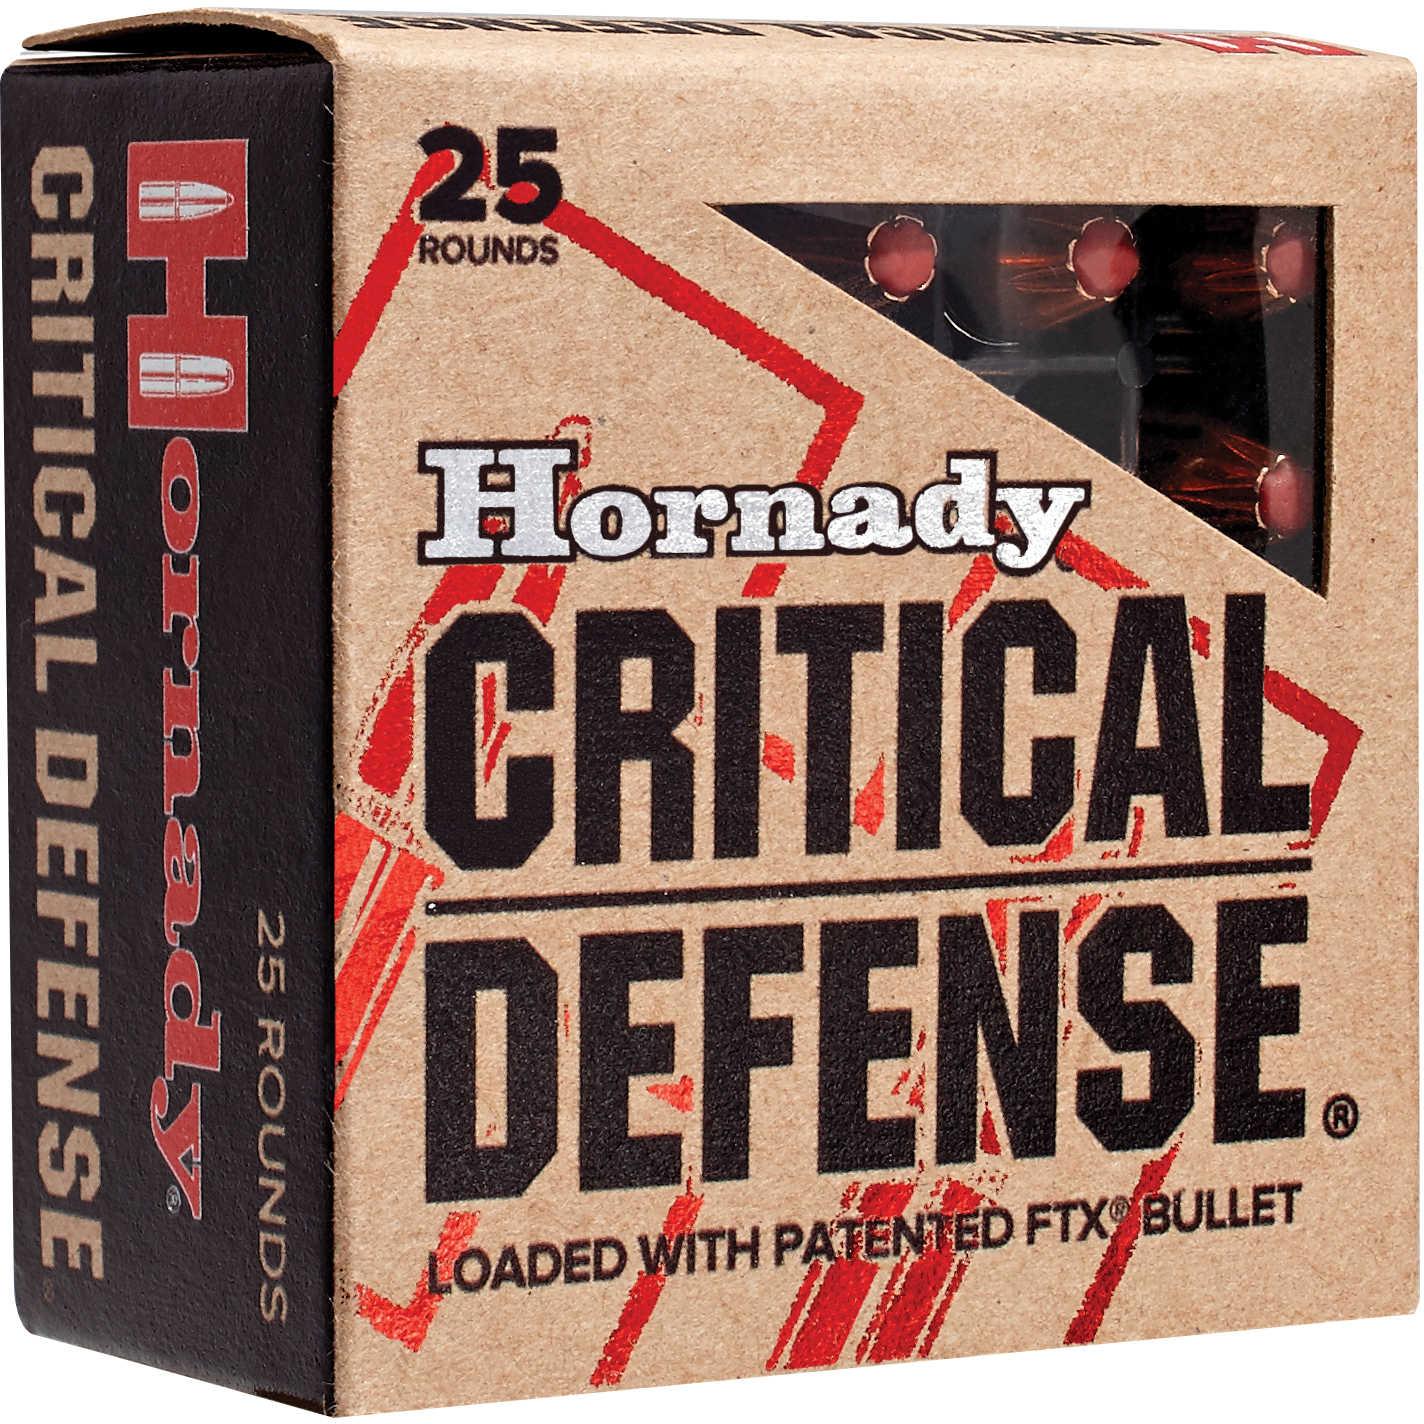 Hornady Critical Defense 357MAG 125 Grain Hollow Point 25 Round Box 90500